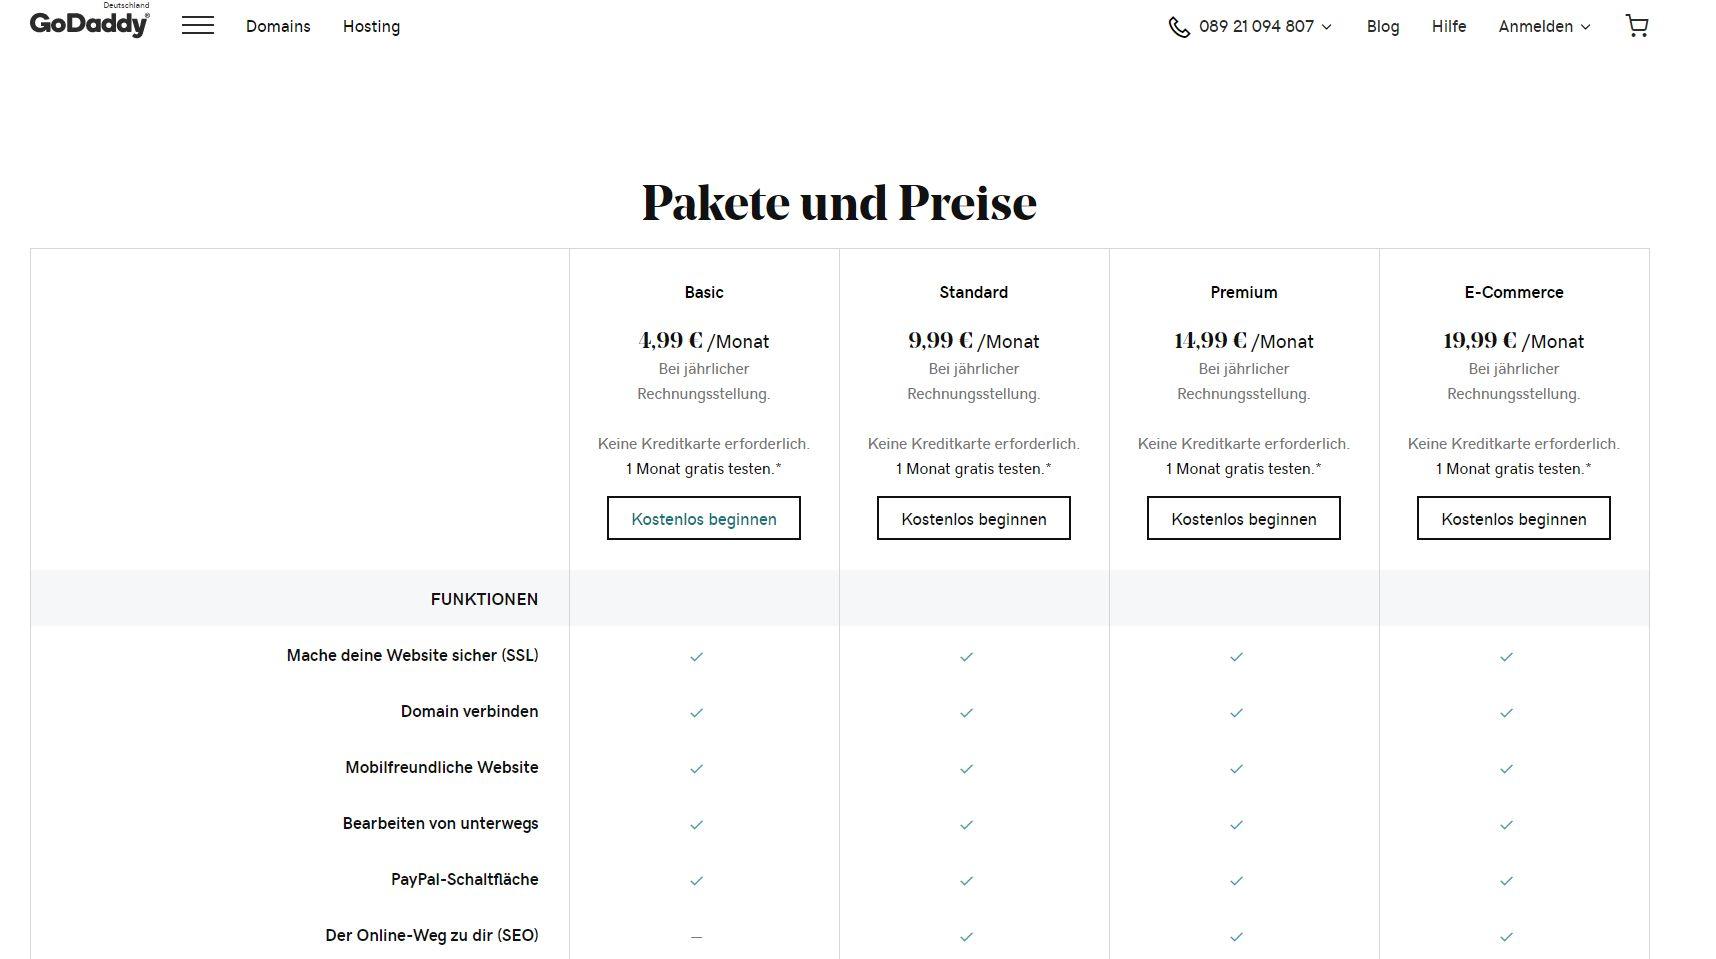 """""""GoDaddy"""" Website Builder (Test): Pakete und Preise"""